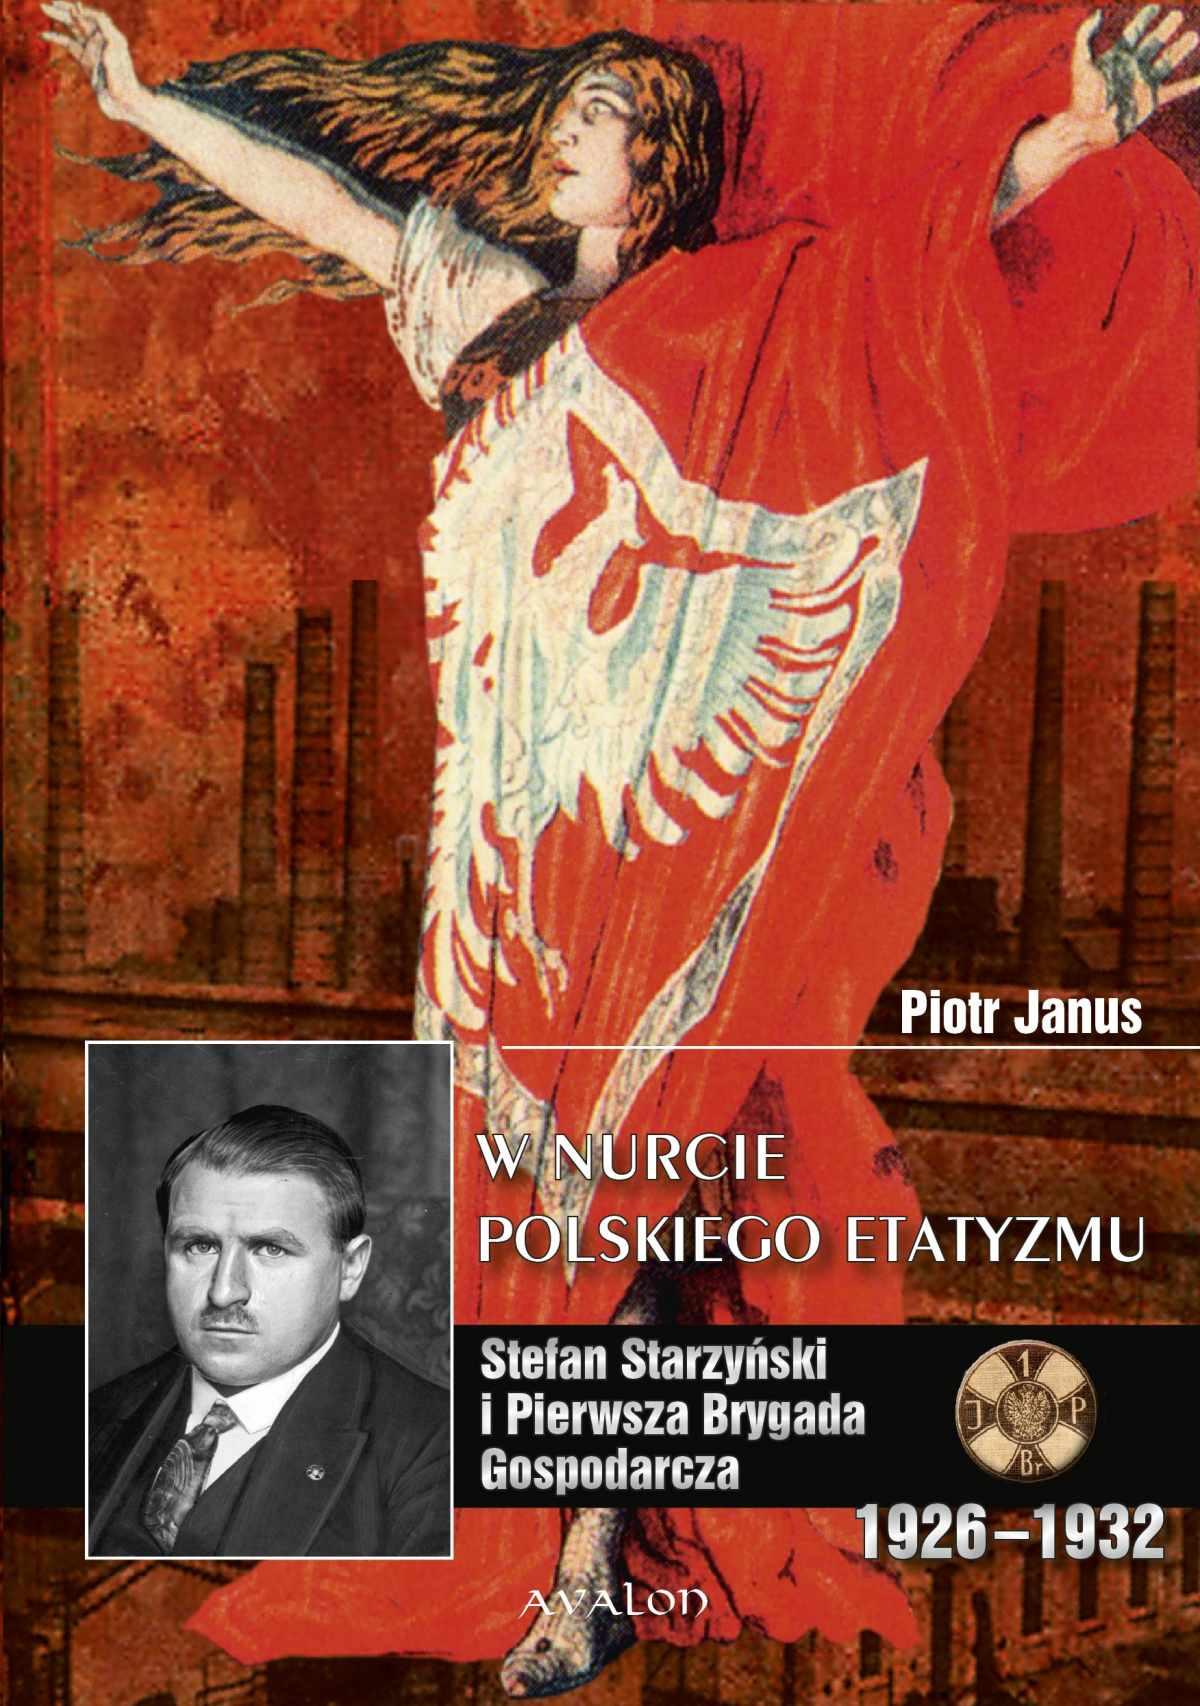 W nurcie polskiego etatyzmu. Stefan Starzyński i Pierwsza Brygada Gospodarcza - Ebook (Książka PDF) do pobrania w formacie PDF